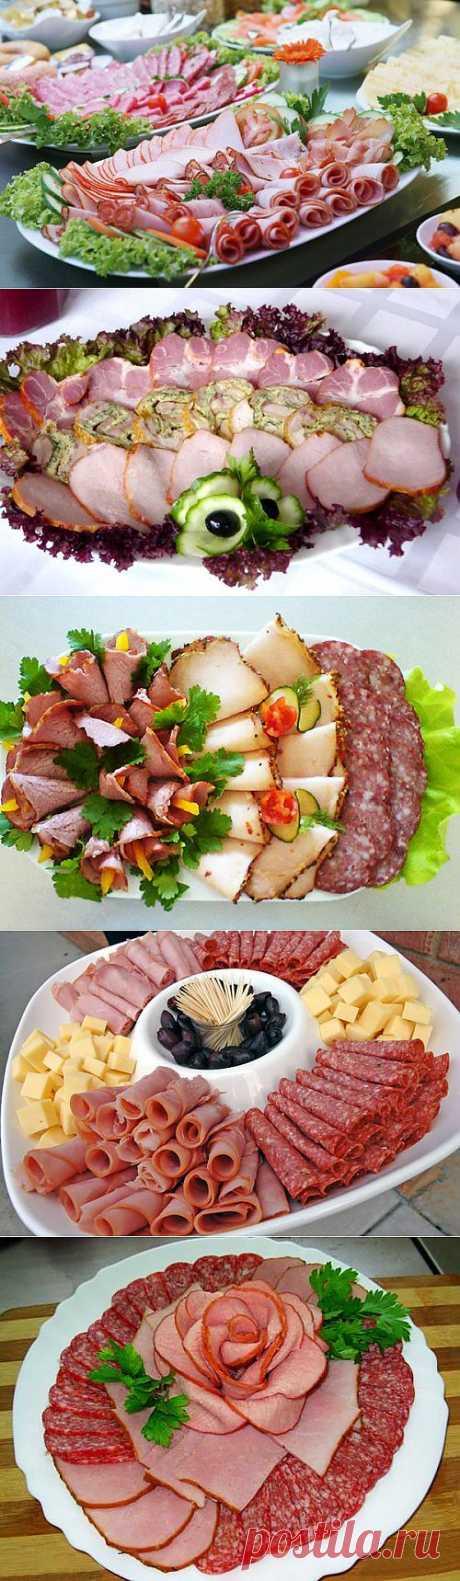 Красивое оформление мясных нарезок: идеи и примеры / Простые рецепты